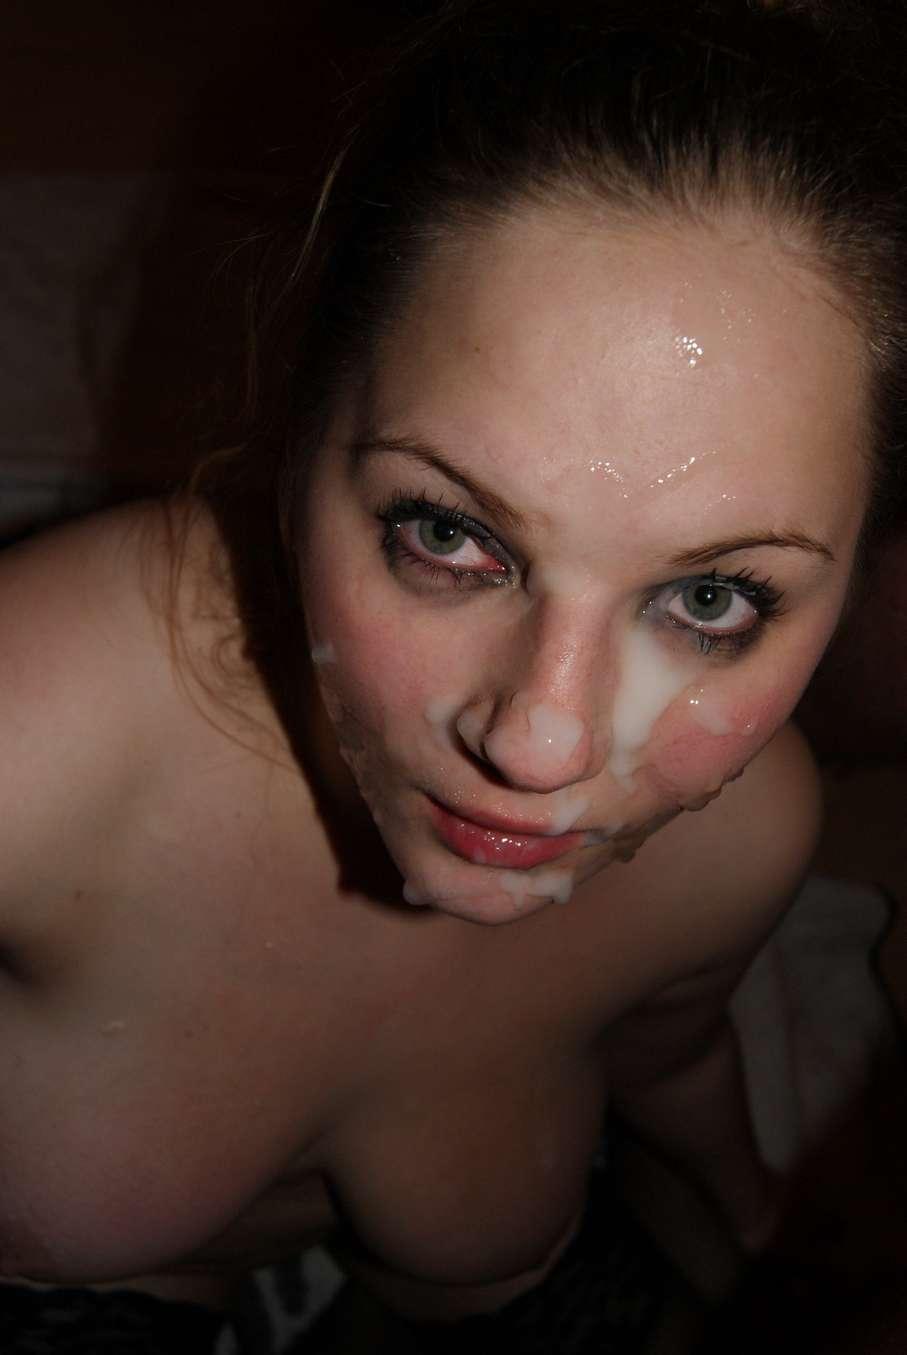 10 min de plaisir par une salope mature ma femme - 1 part 5